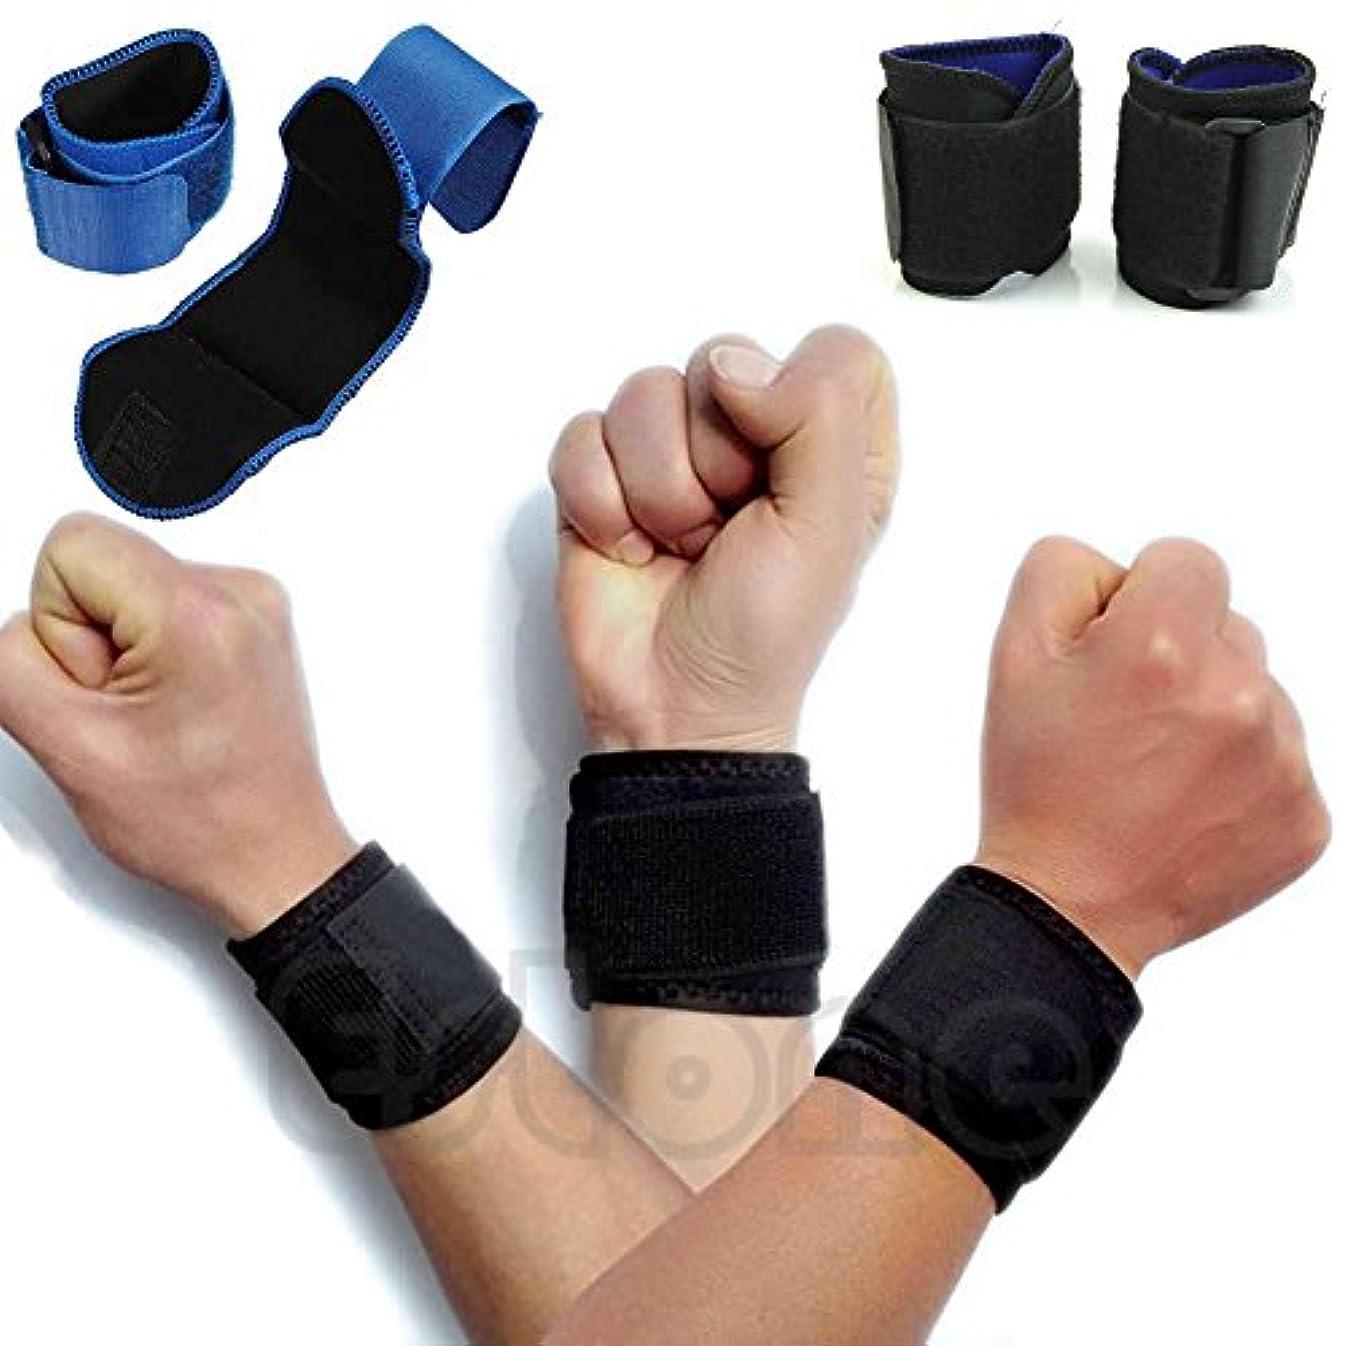 シットコム噴出する荒れ地新 調節可 スポーツ用 手首 巻き付け 包帯 ジム支援 締付手首バンド 1カップル